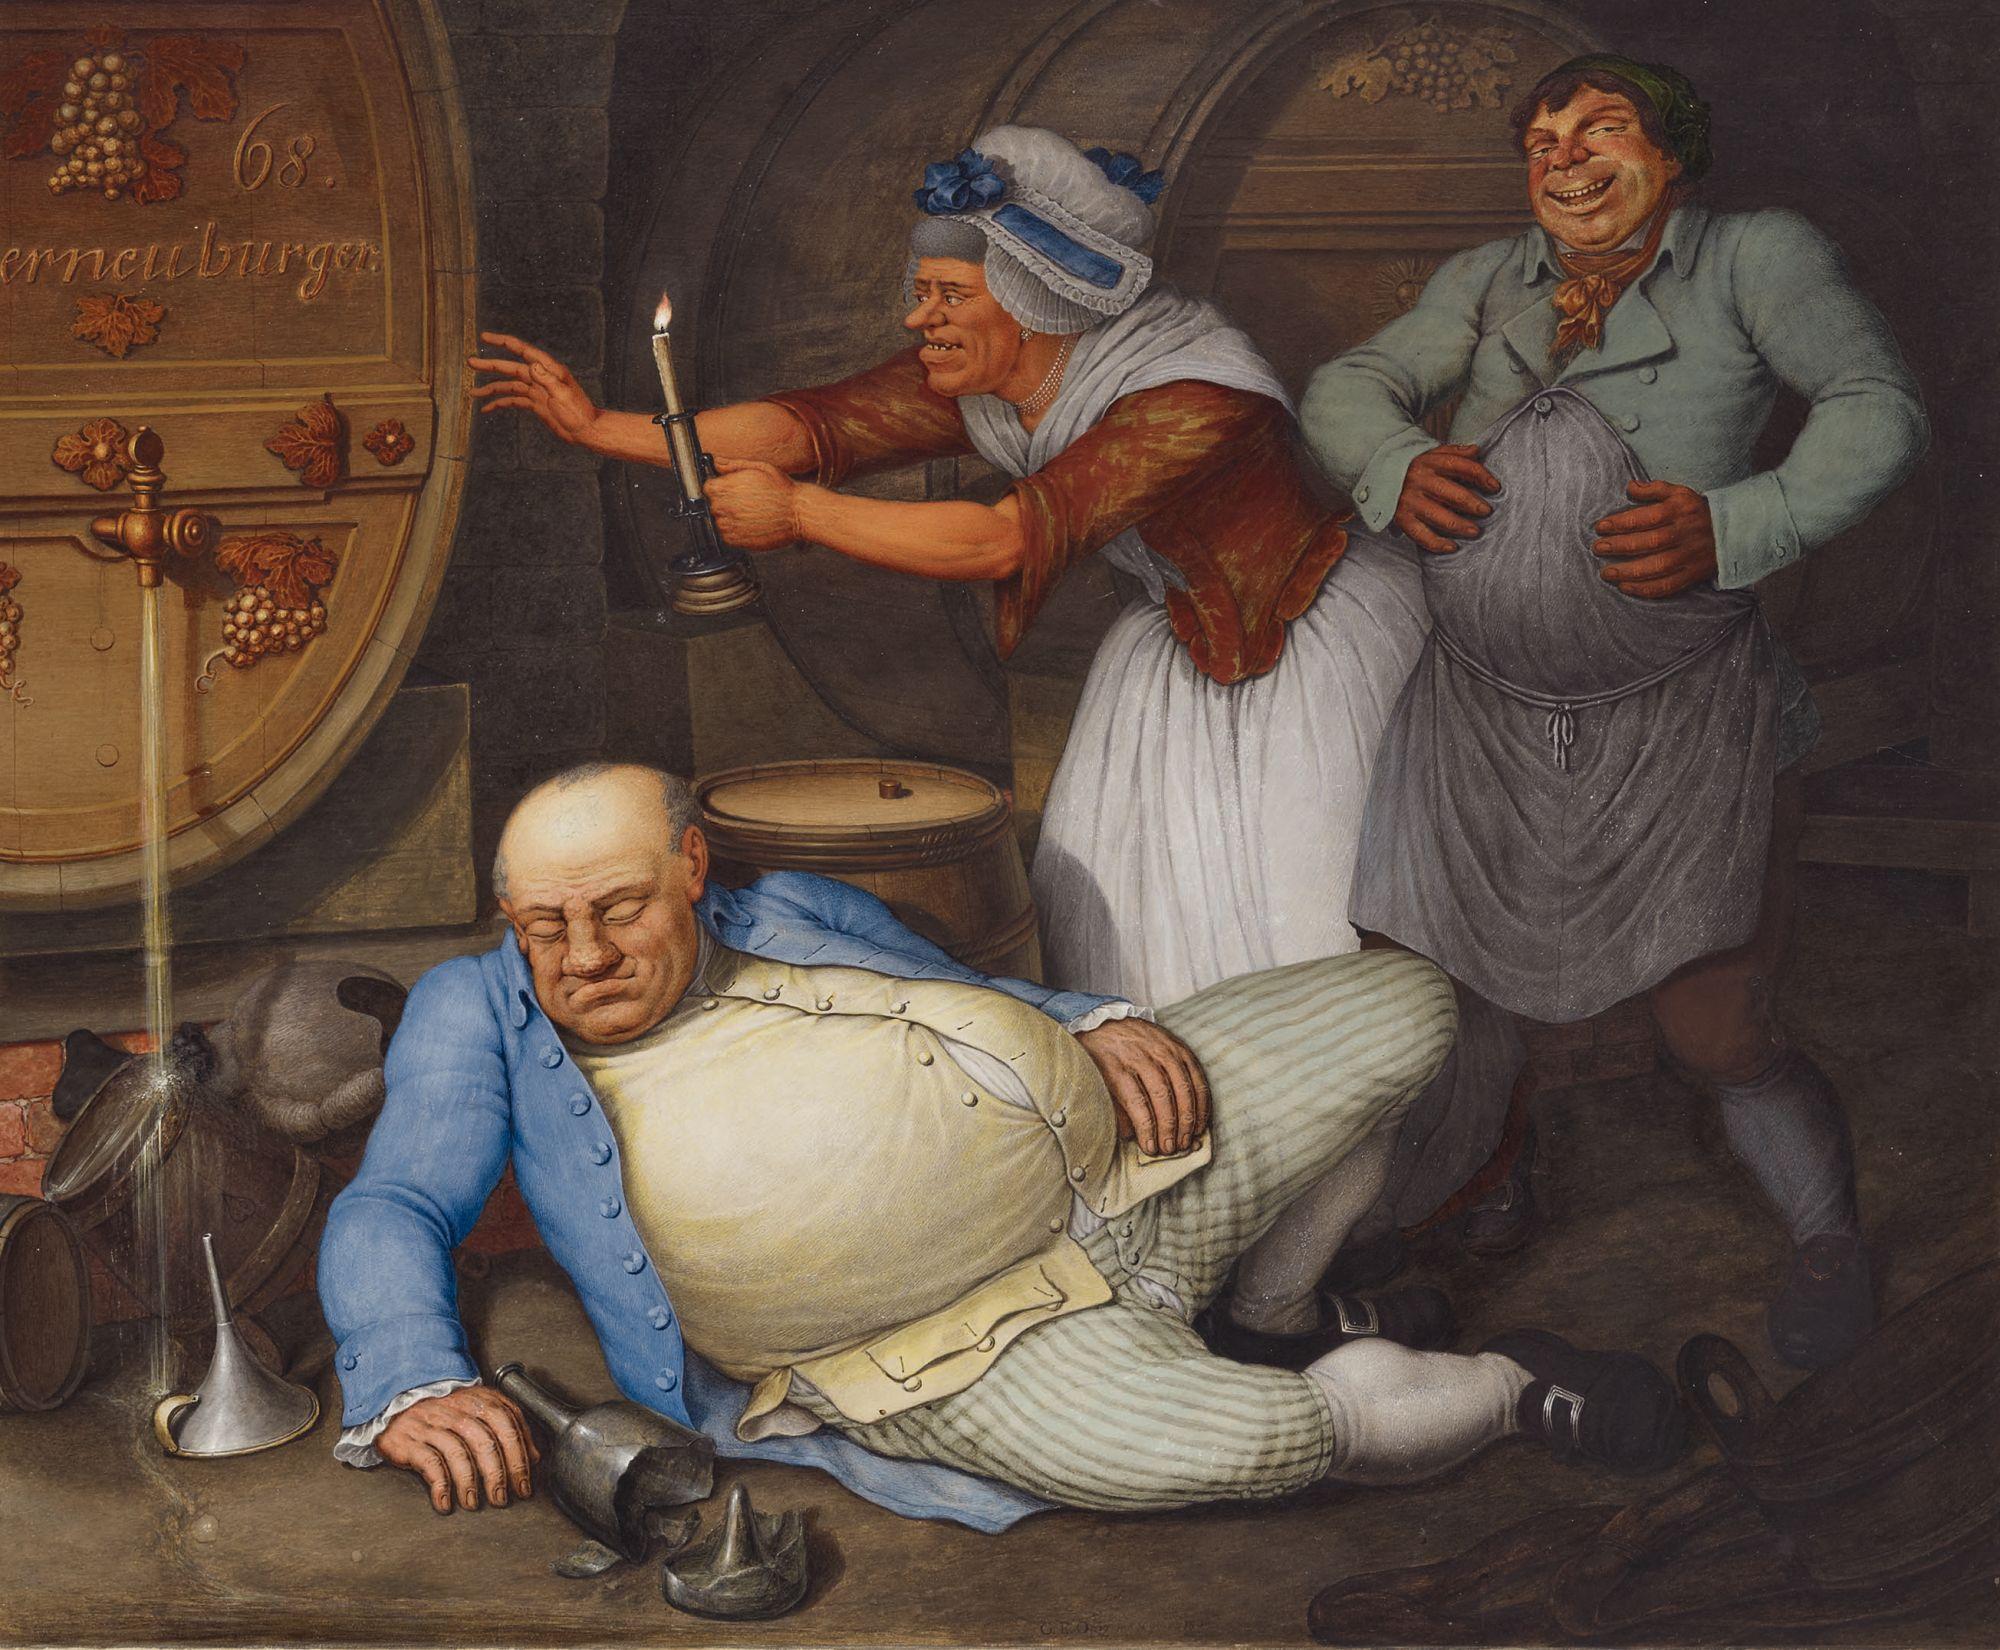 Georg_Emanuel_Opiz,_Der_Saufer_1804